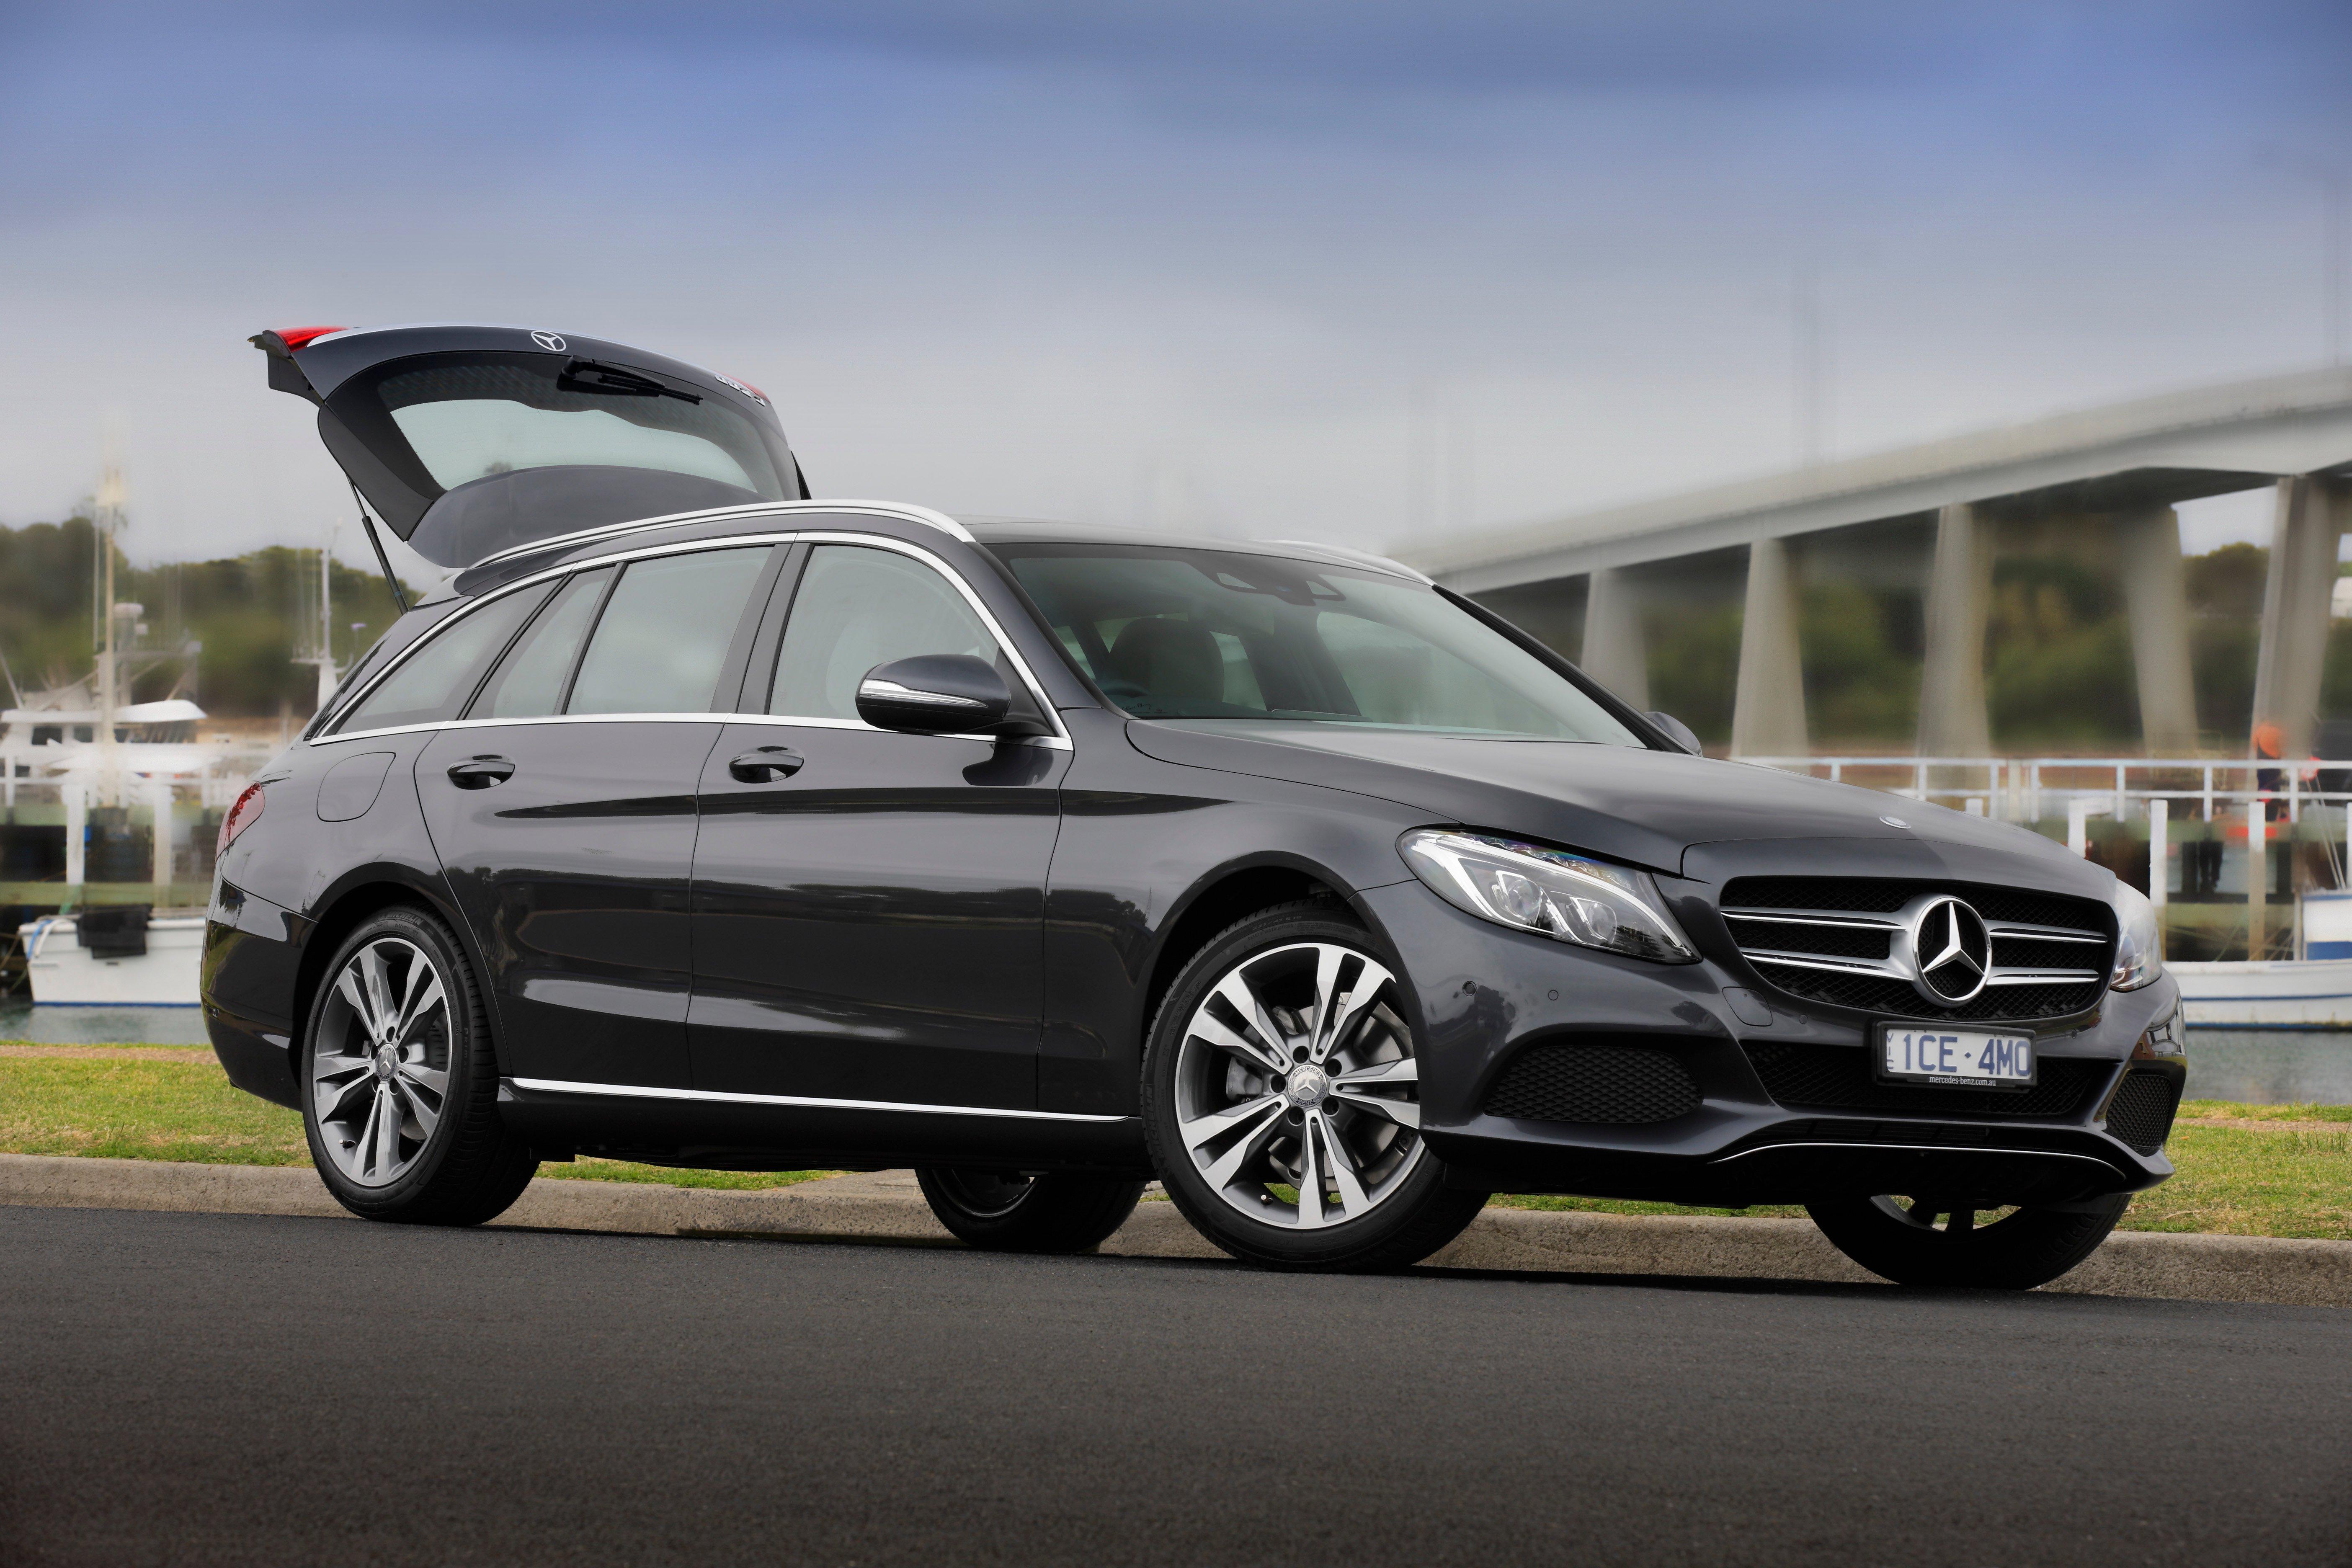 2015 Mercedes Benz C200 Estate Review Photos Caradvice